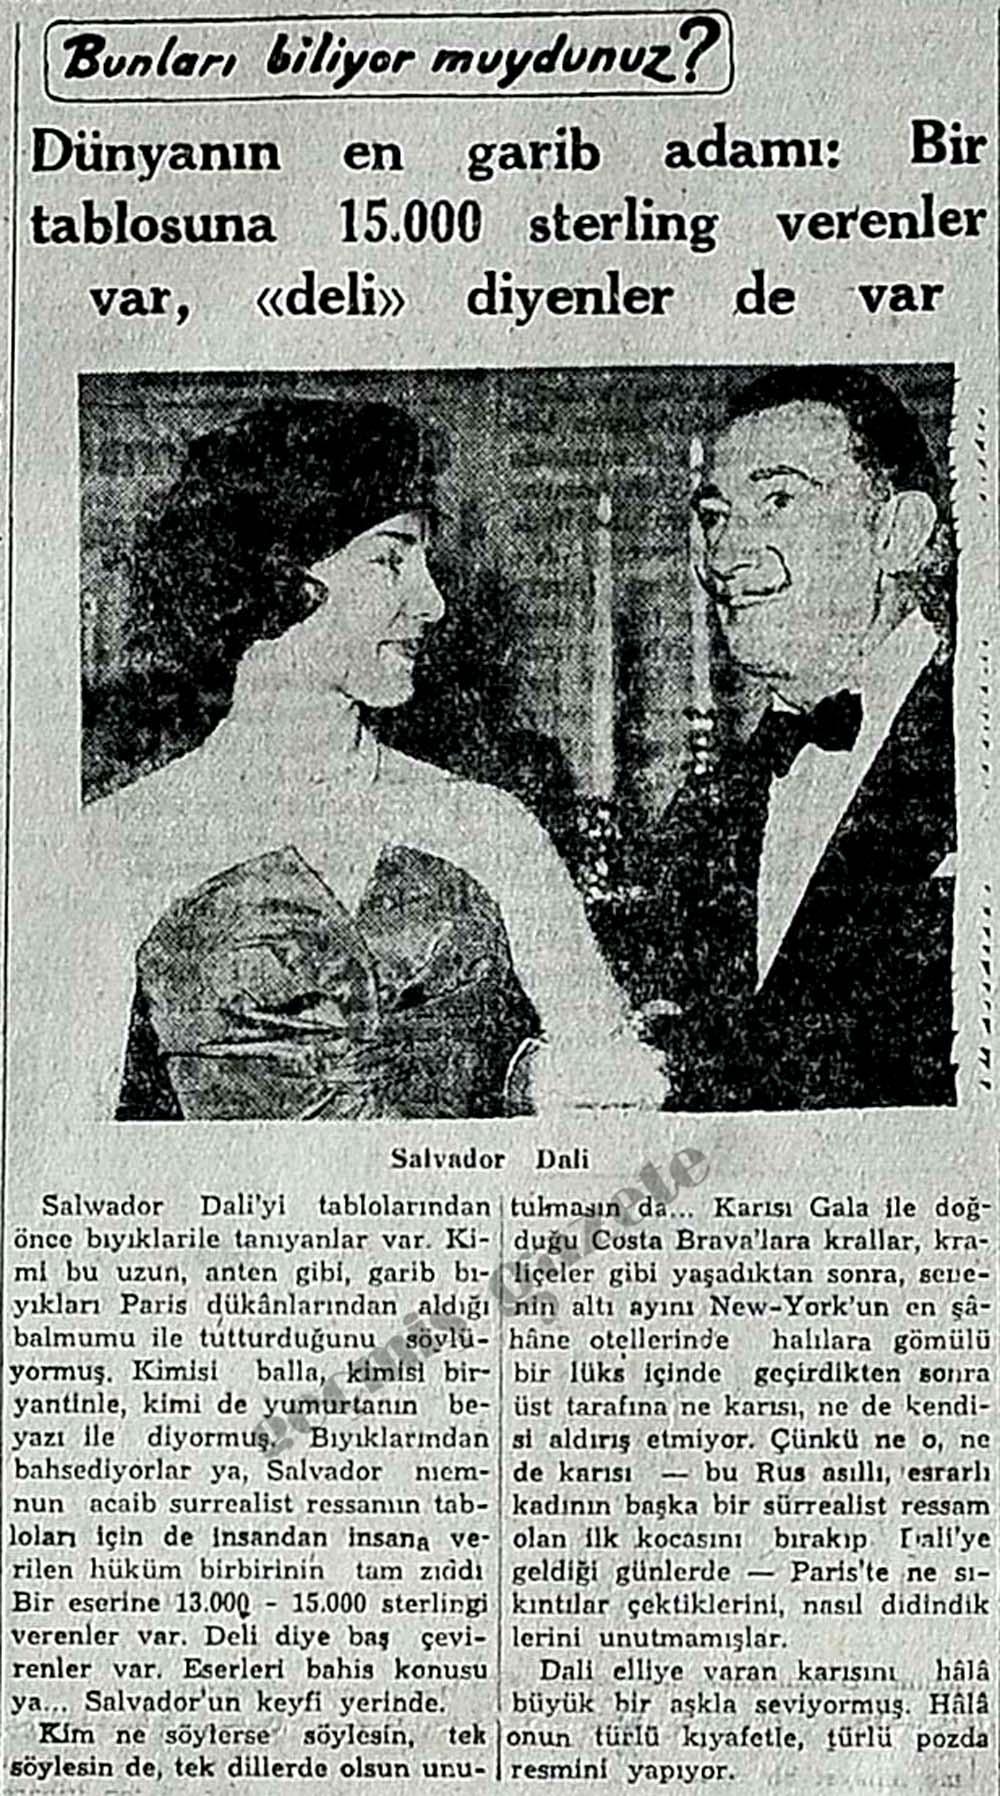 Dünyanın en garib adamı: Salvador Dali